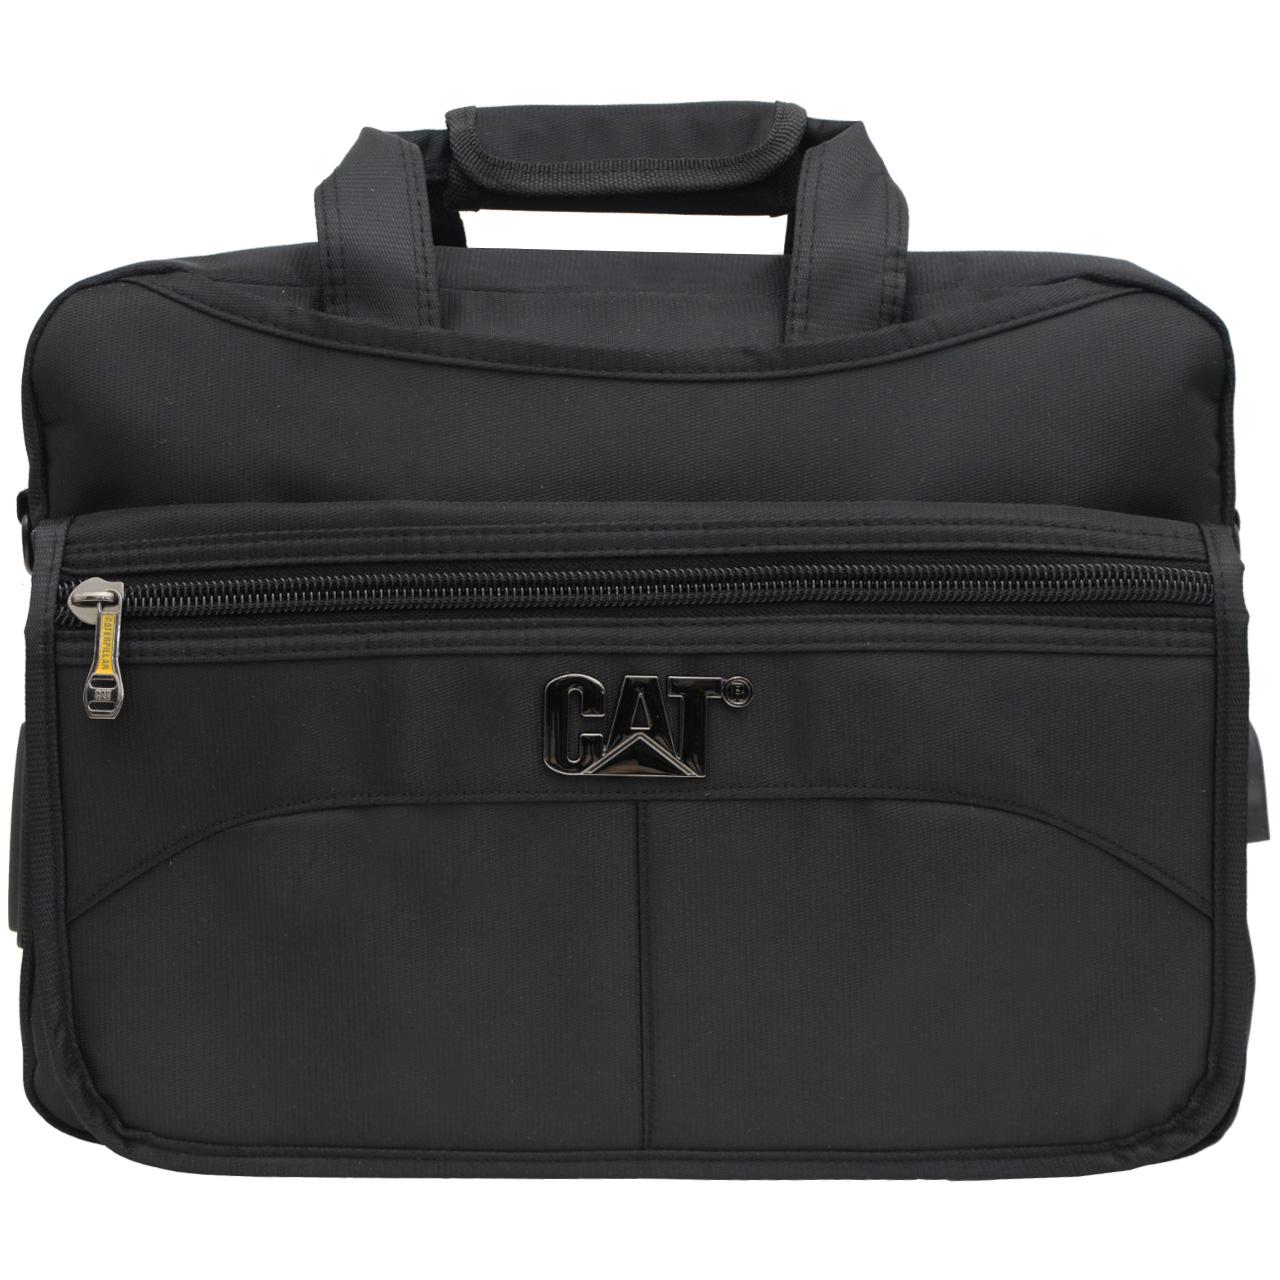 کیف لپ تاپ کد SAFARI 400076 - 2 مناسب برای لپ تاپ 15.6 اینچی